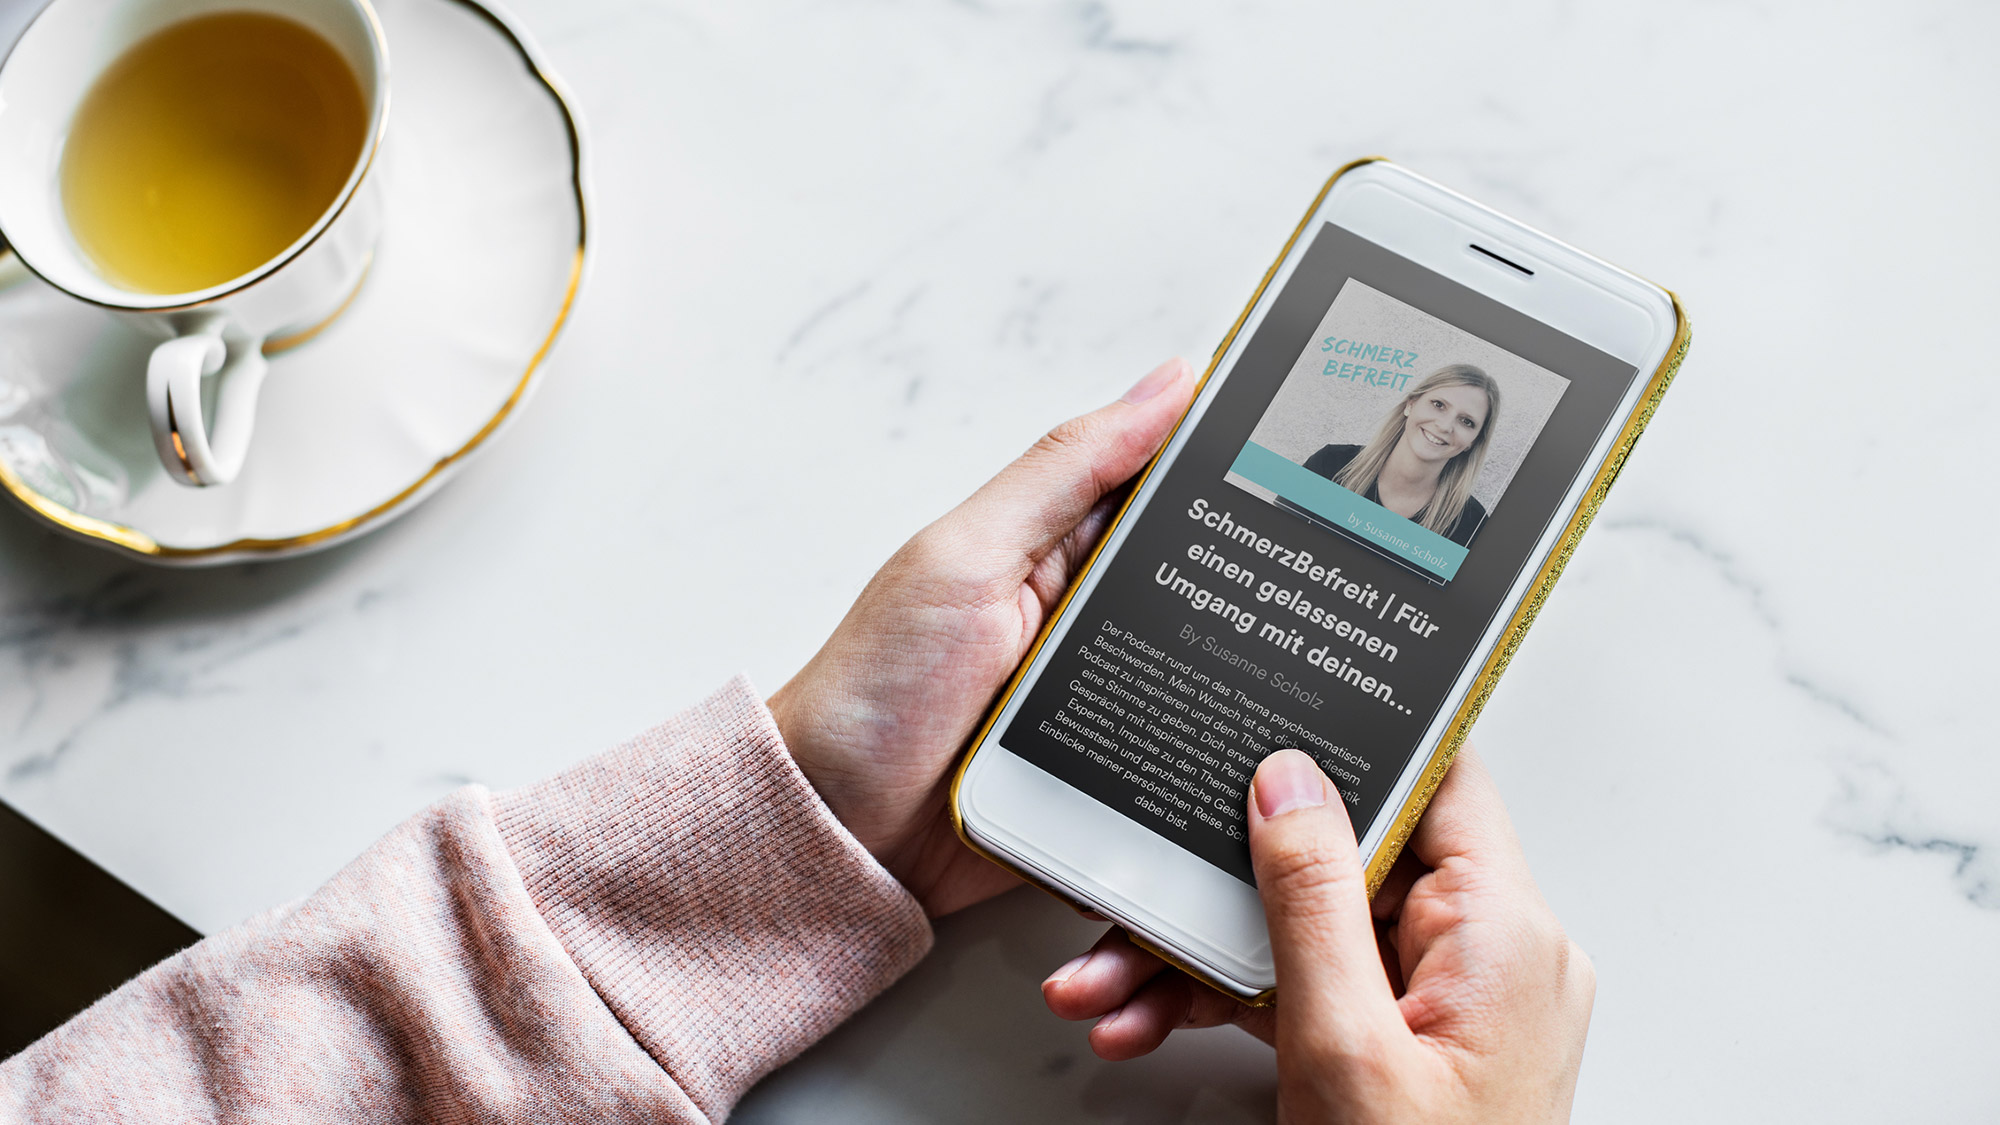 Folge 11 – Meditations-App für Schmerzpatienten: Interview mit Anna Rosenbaum von 7Mind und Dr. Böger vom Schmerzzentrum Kassel